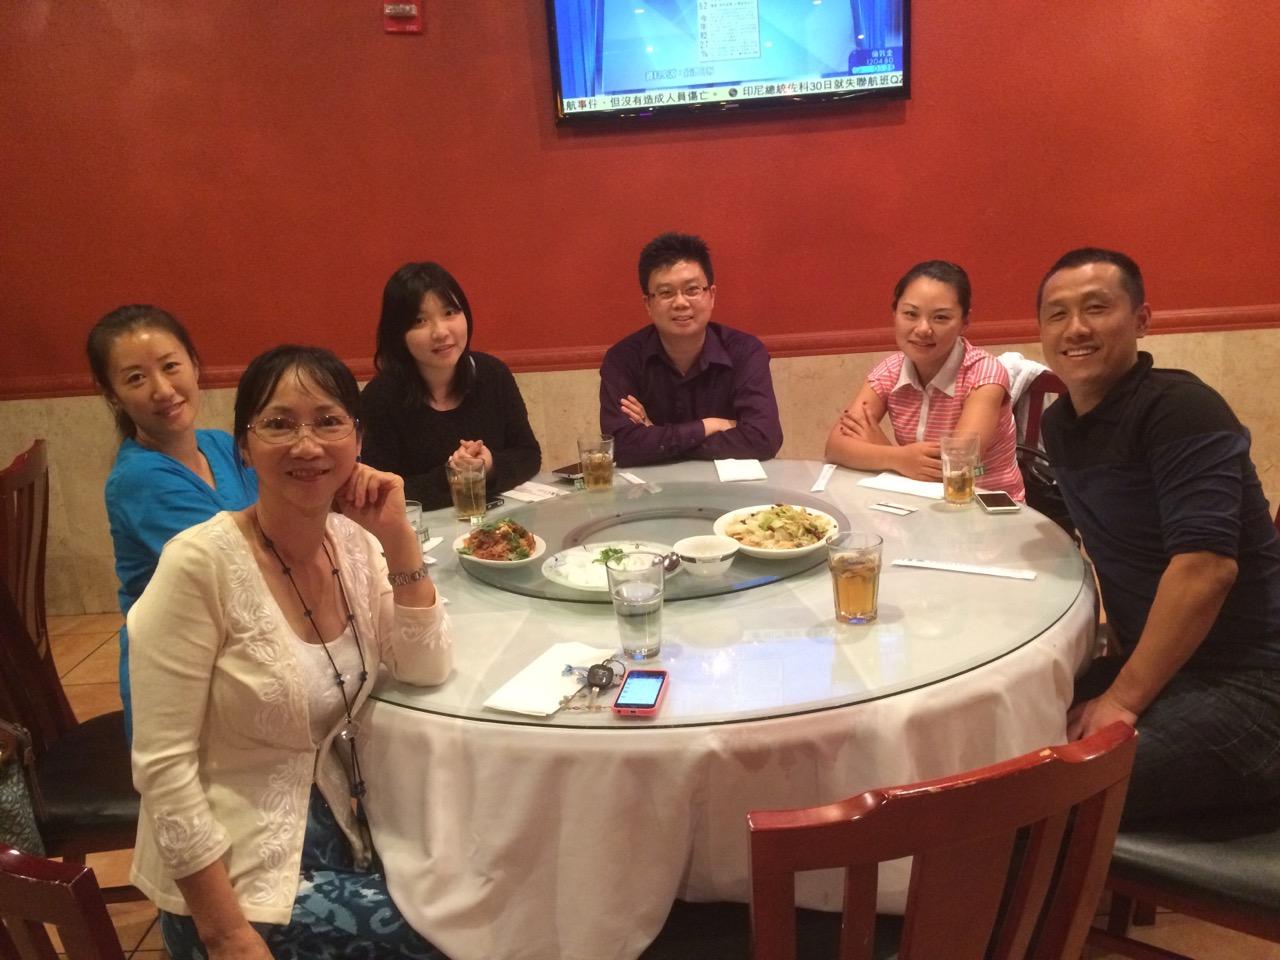 奥兰多华人协会 聚会